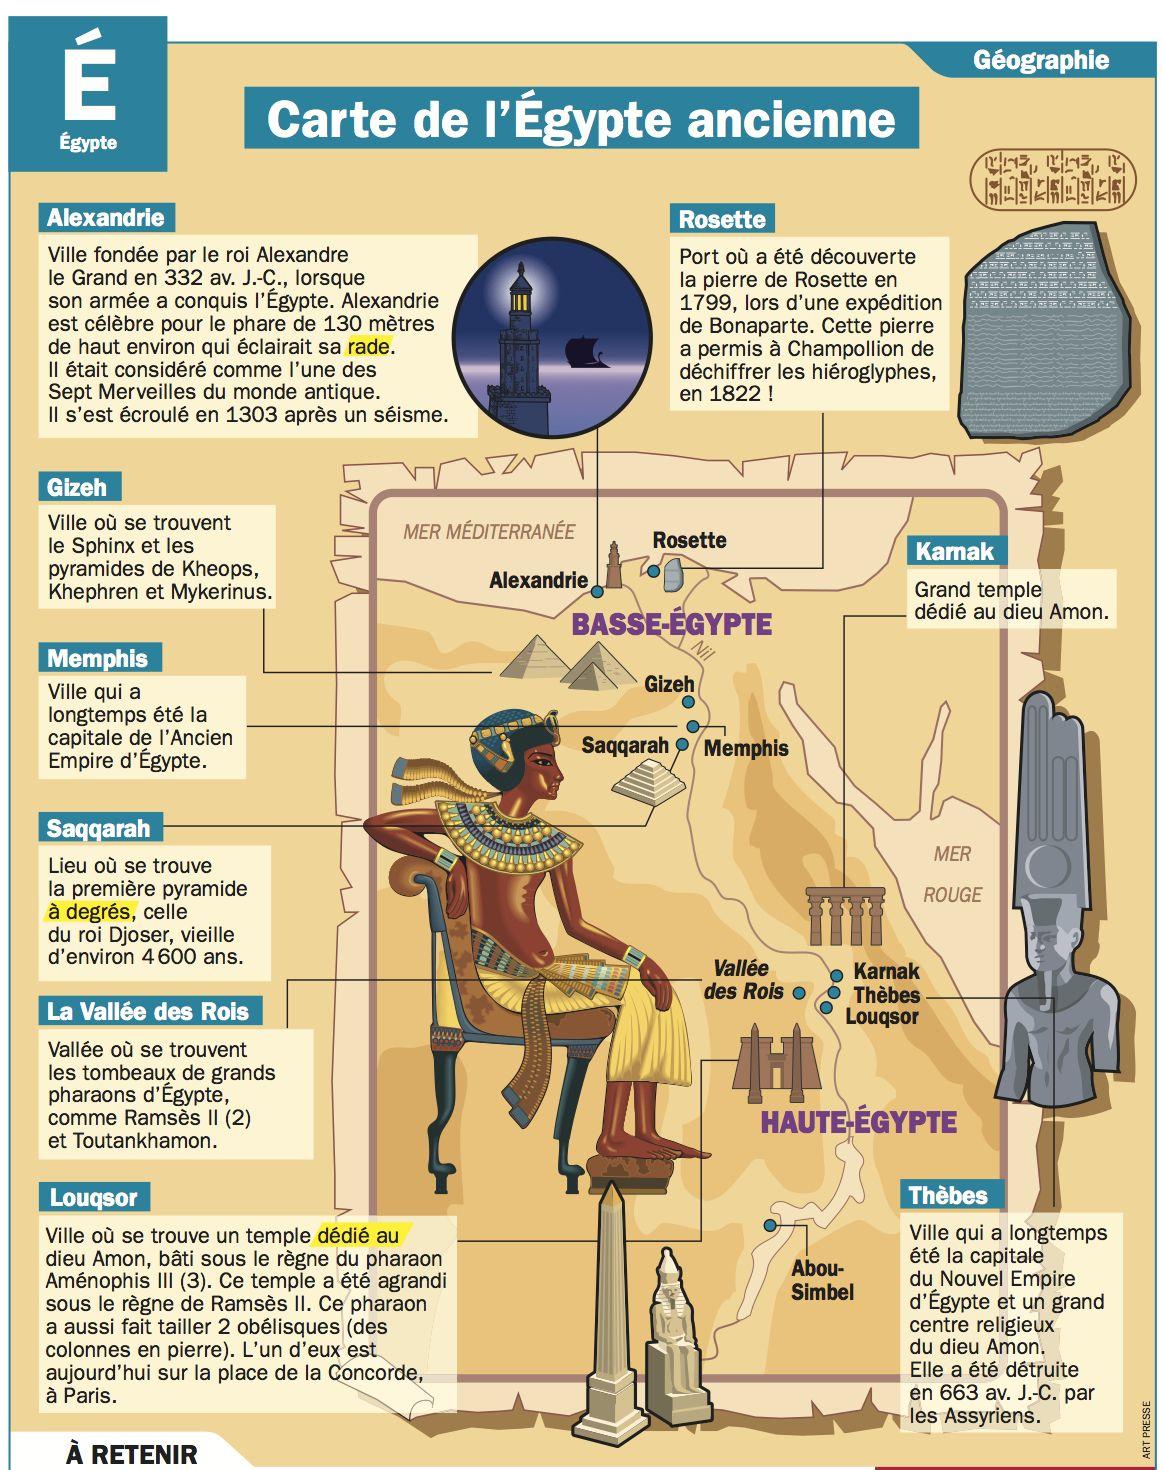 Carte De L Egypte Ancienne Egypte Ancienne Egypte Cours Histoire